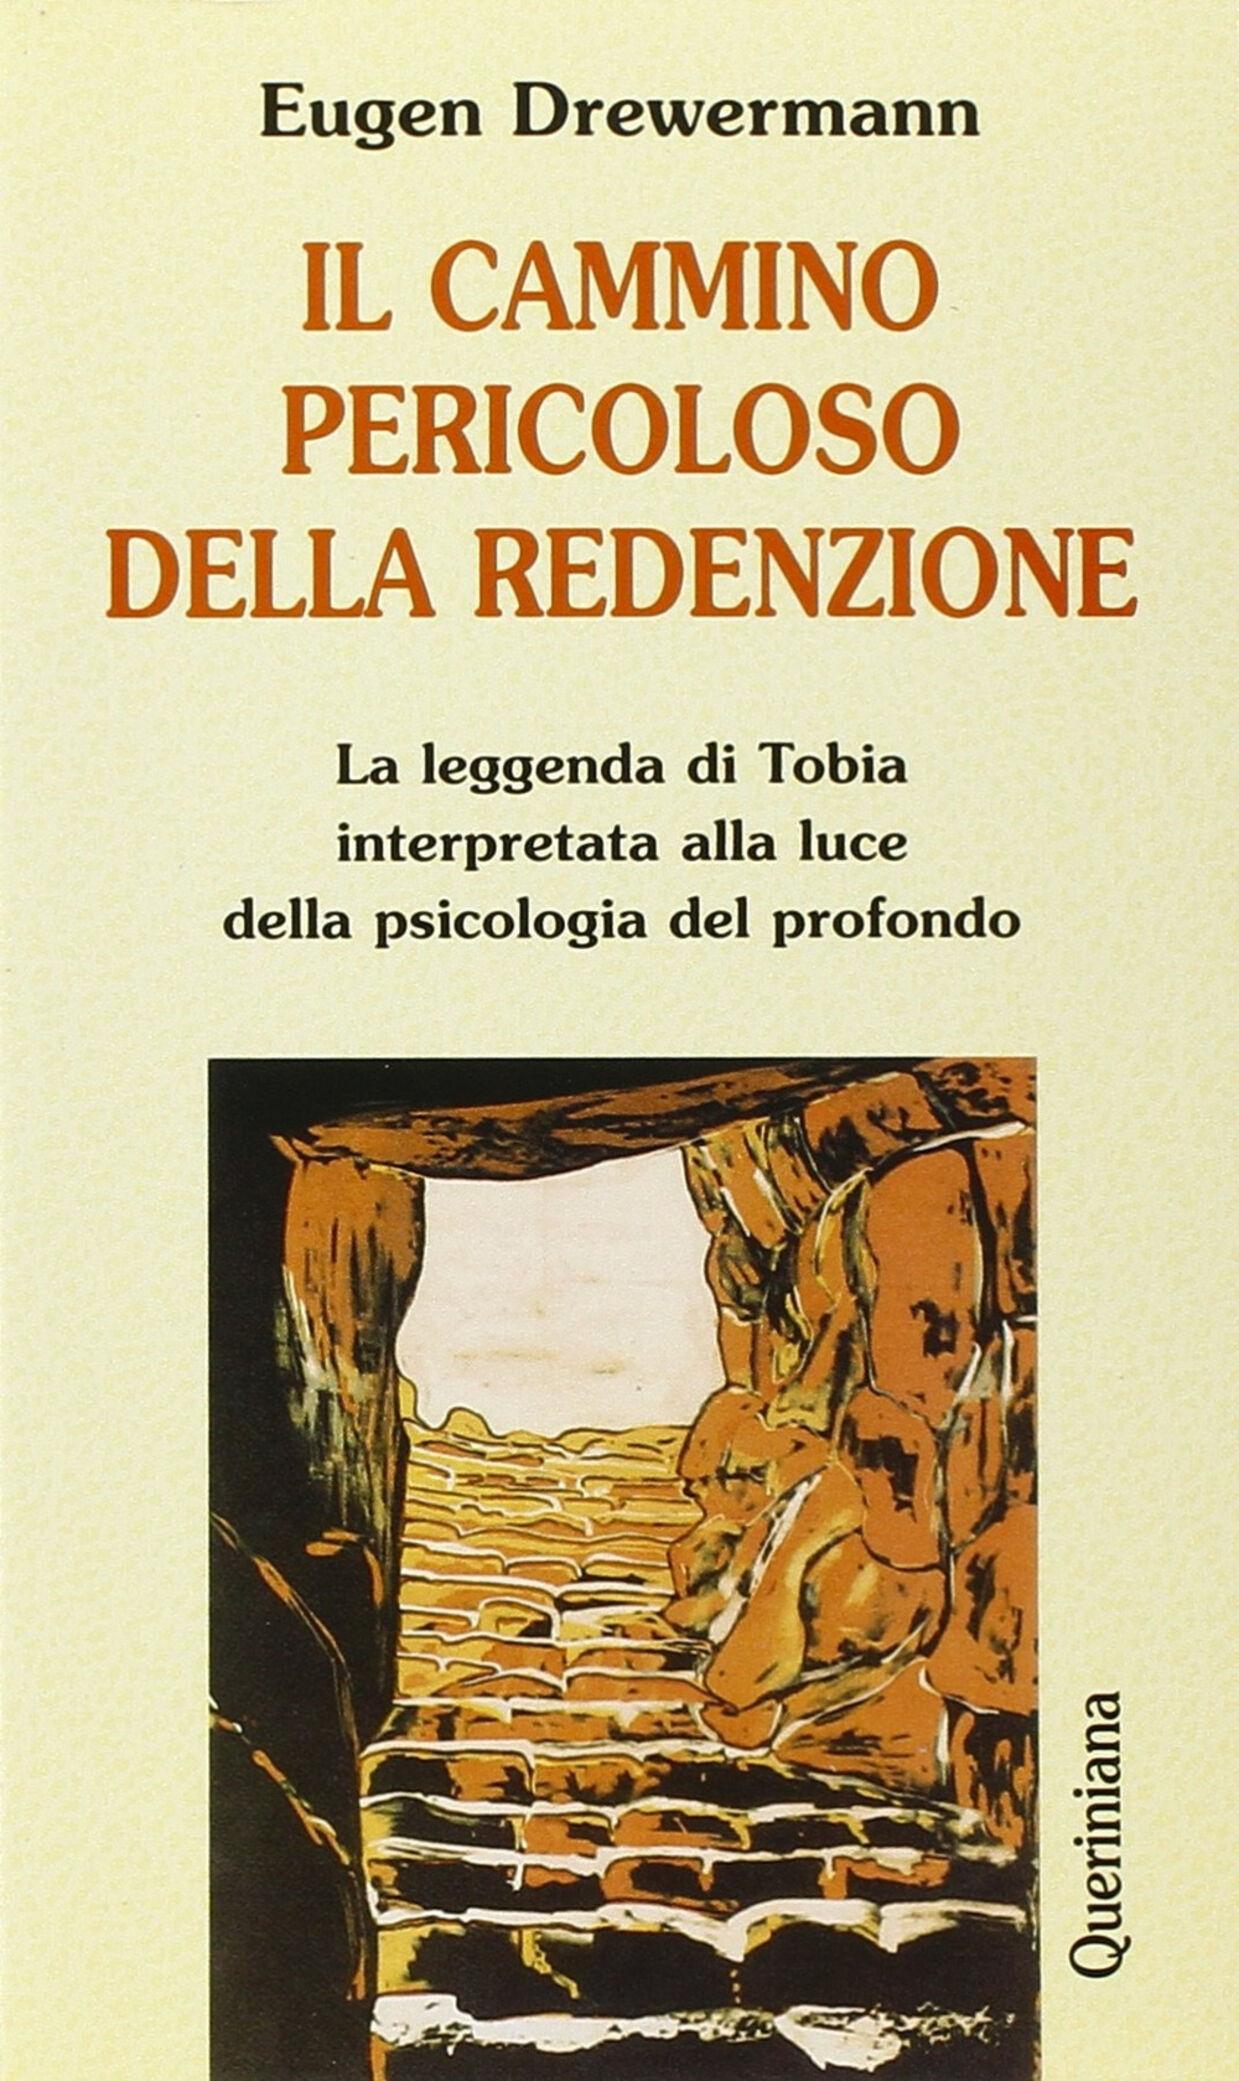 Il cammino pericoloso della redenzione. La leggenda di Tobia interpretata alla luce della psicologia del profondo